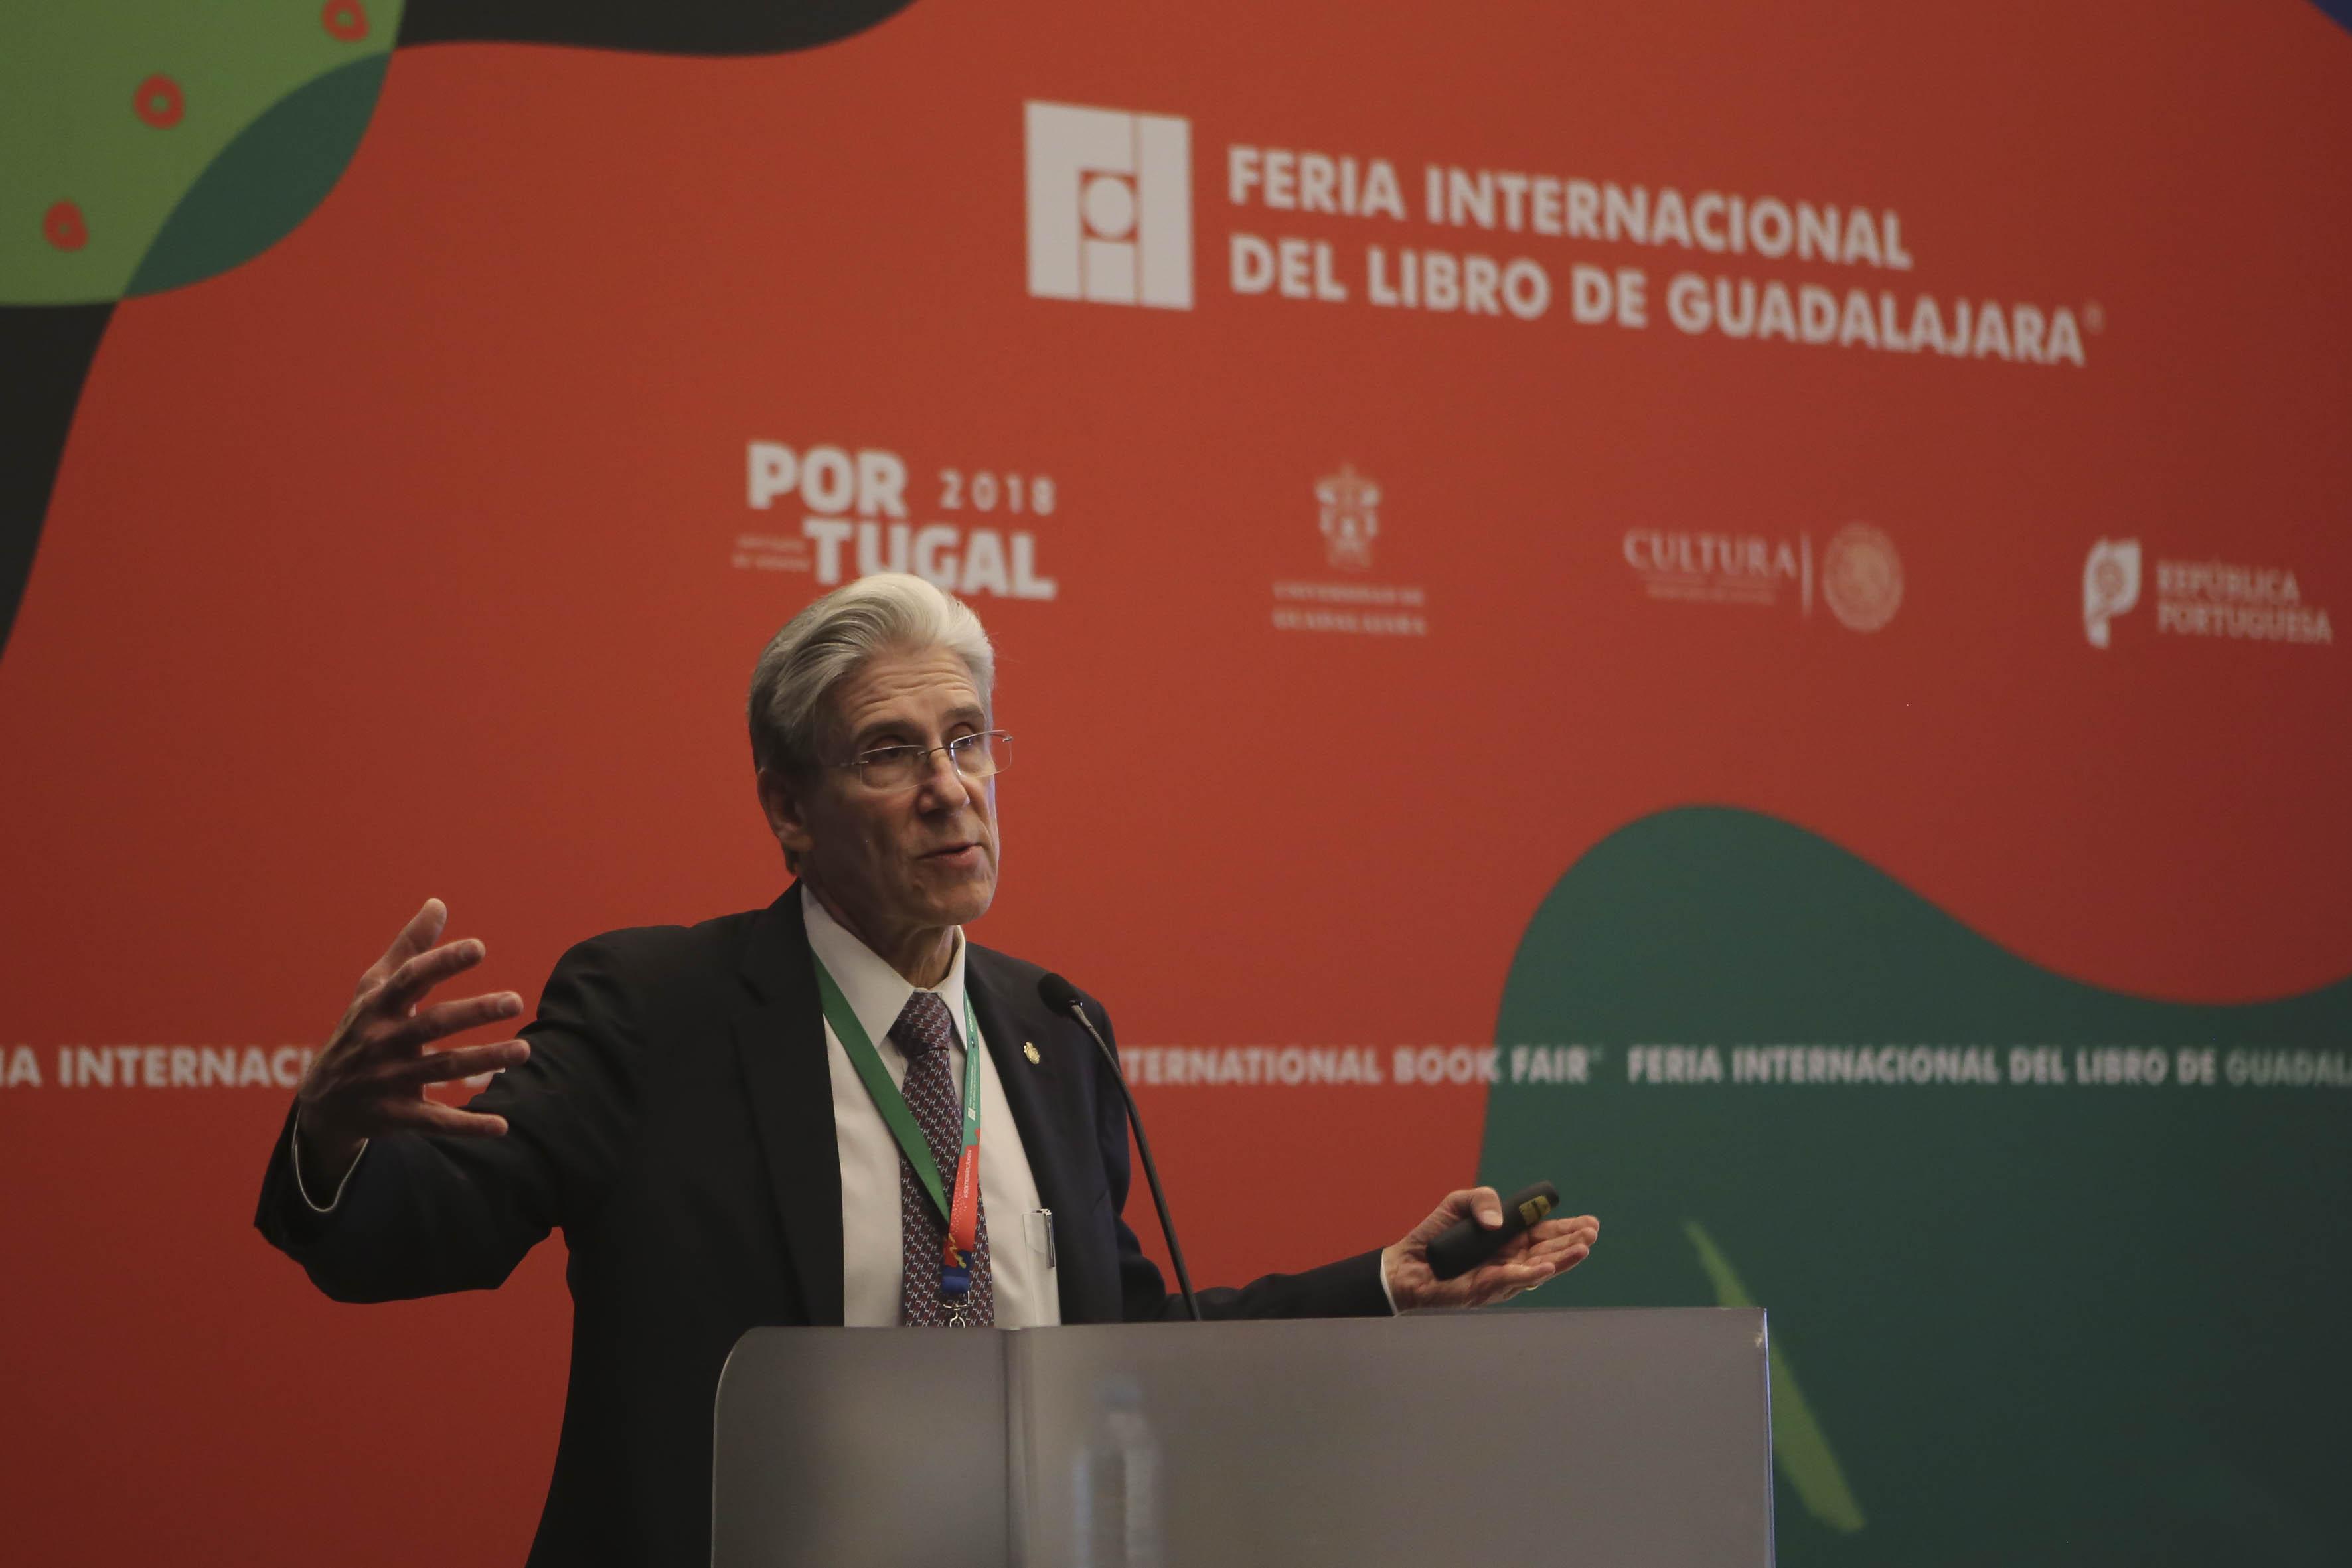 Dr. Julio Frenk impartiendo conferencia en FIL